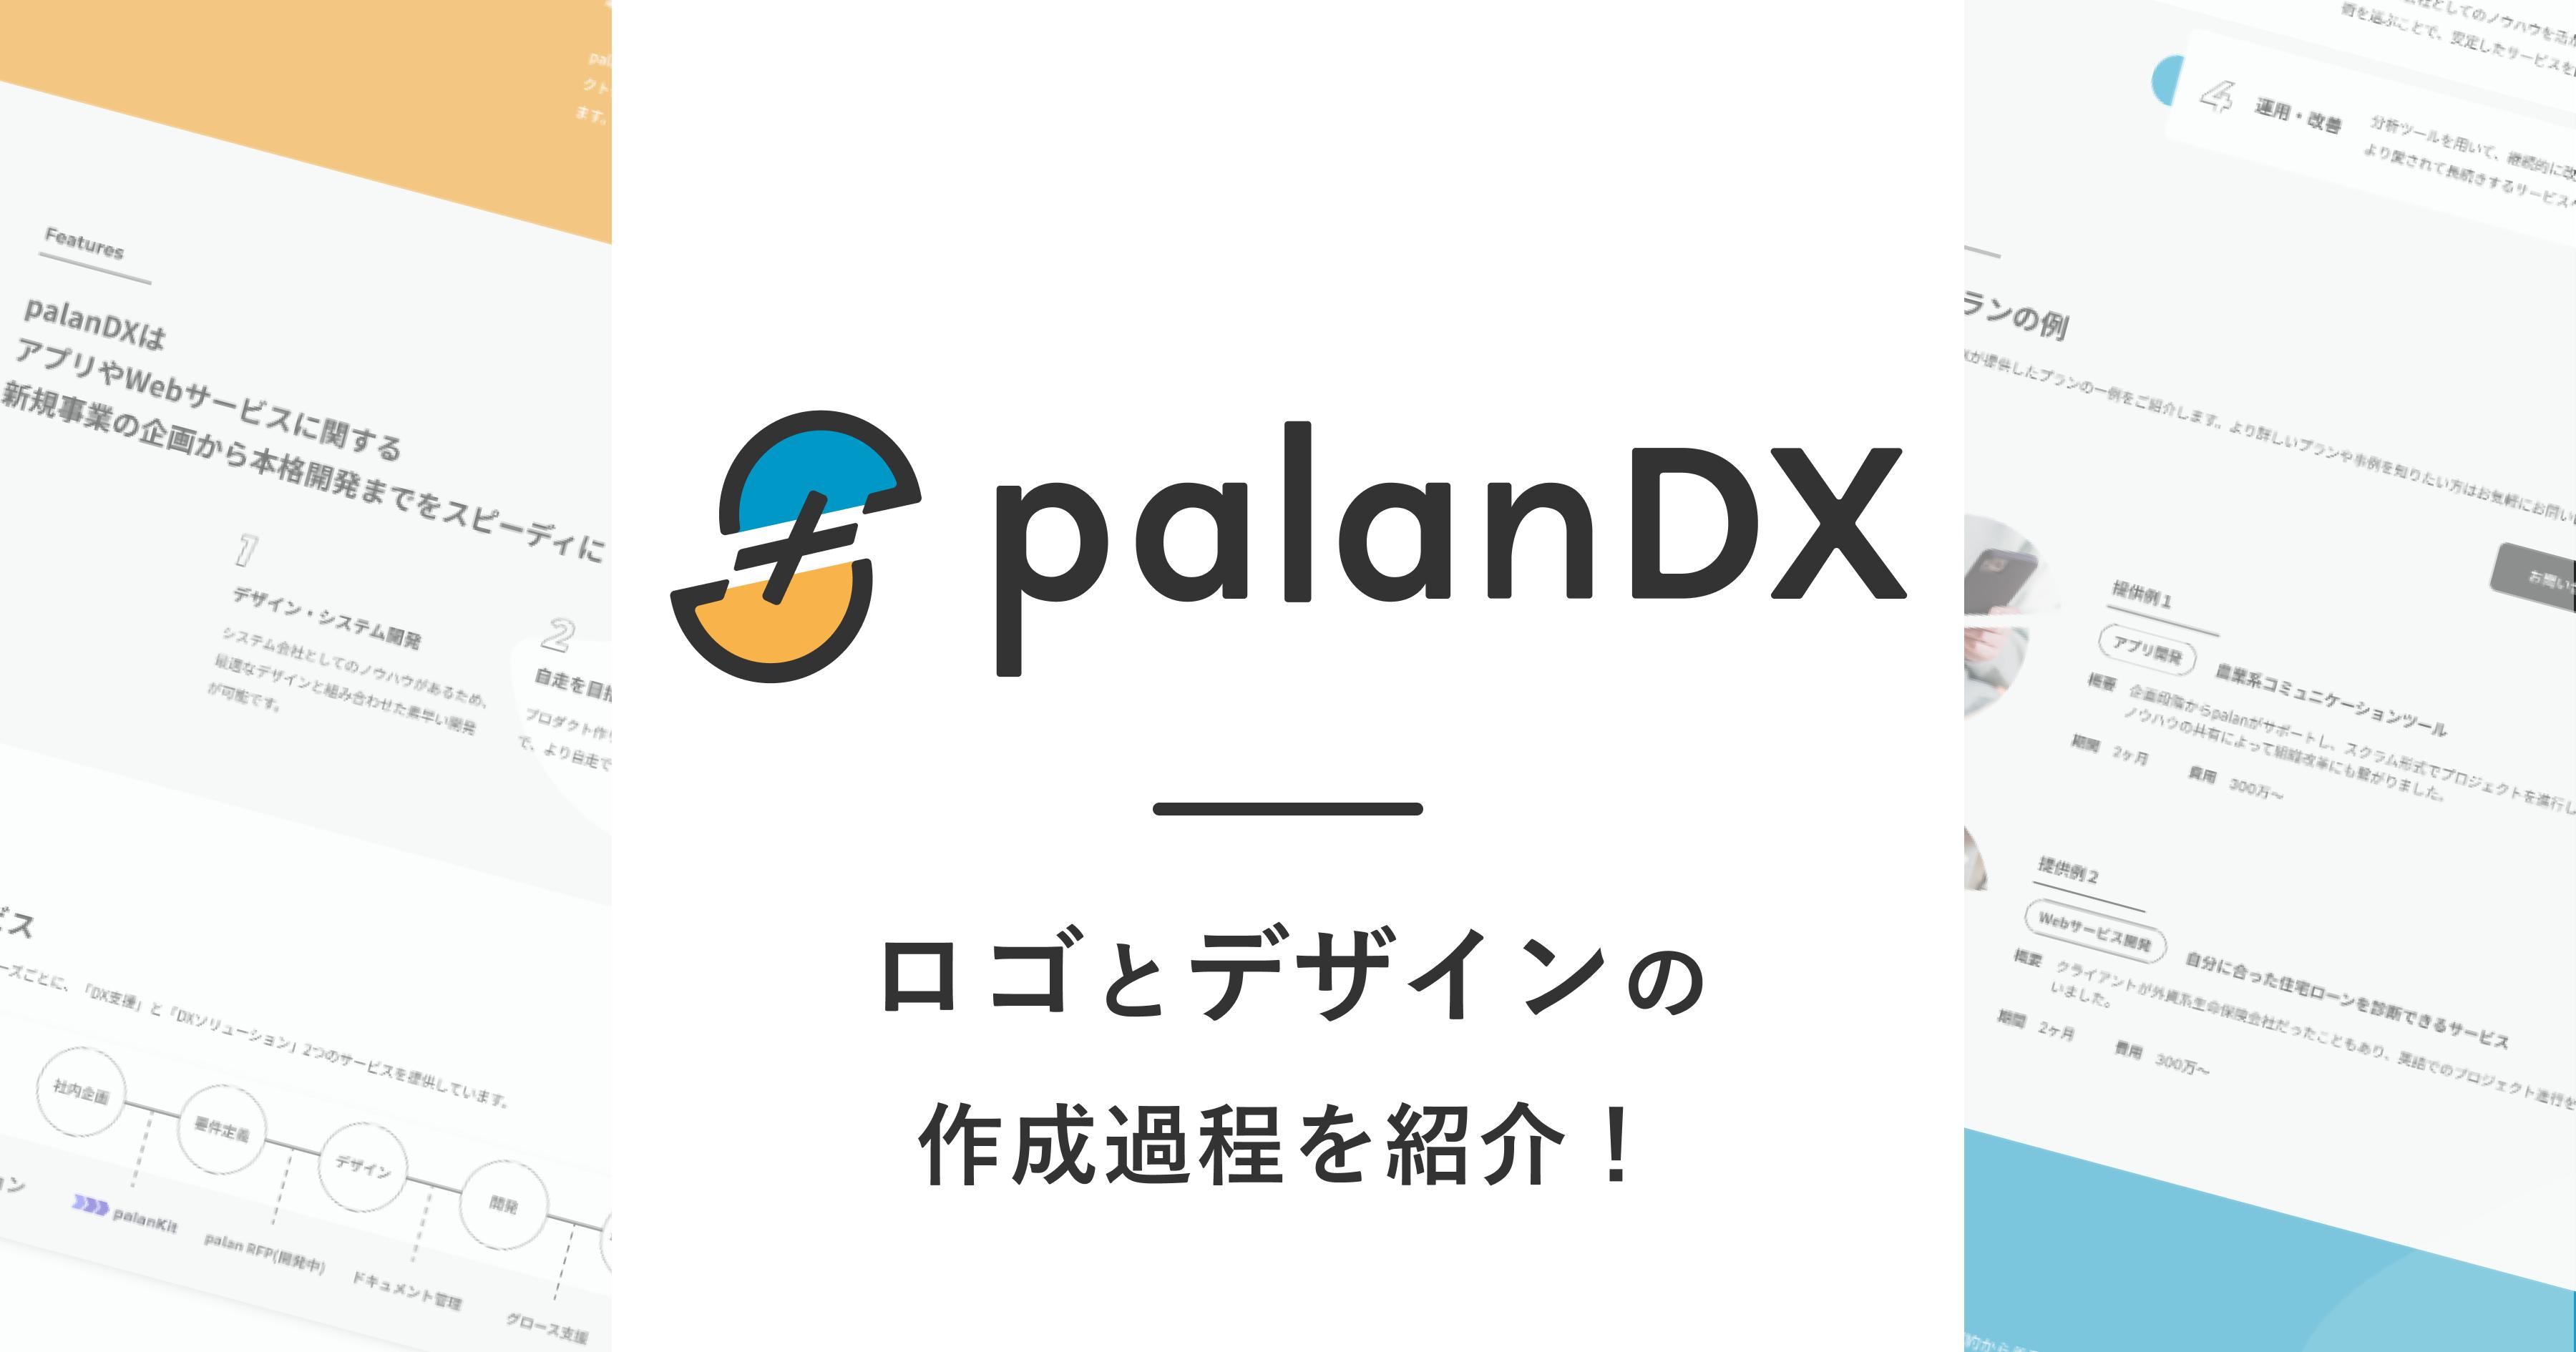 palanDXのロゴとデザインの作成過程を紹介!